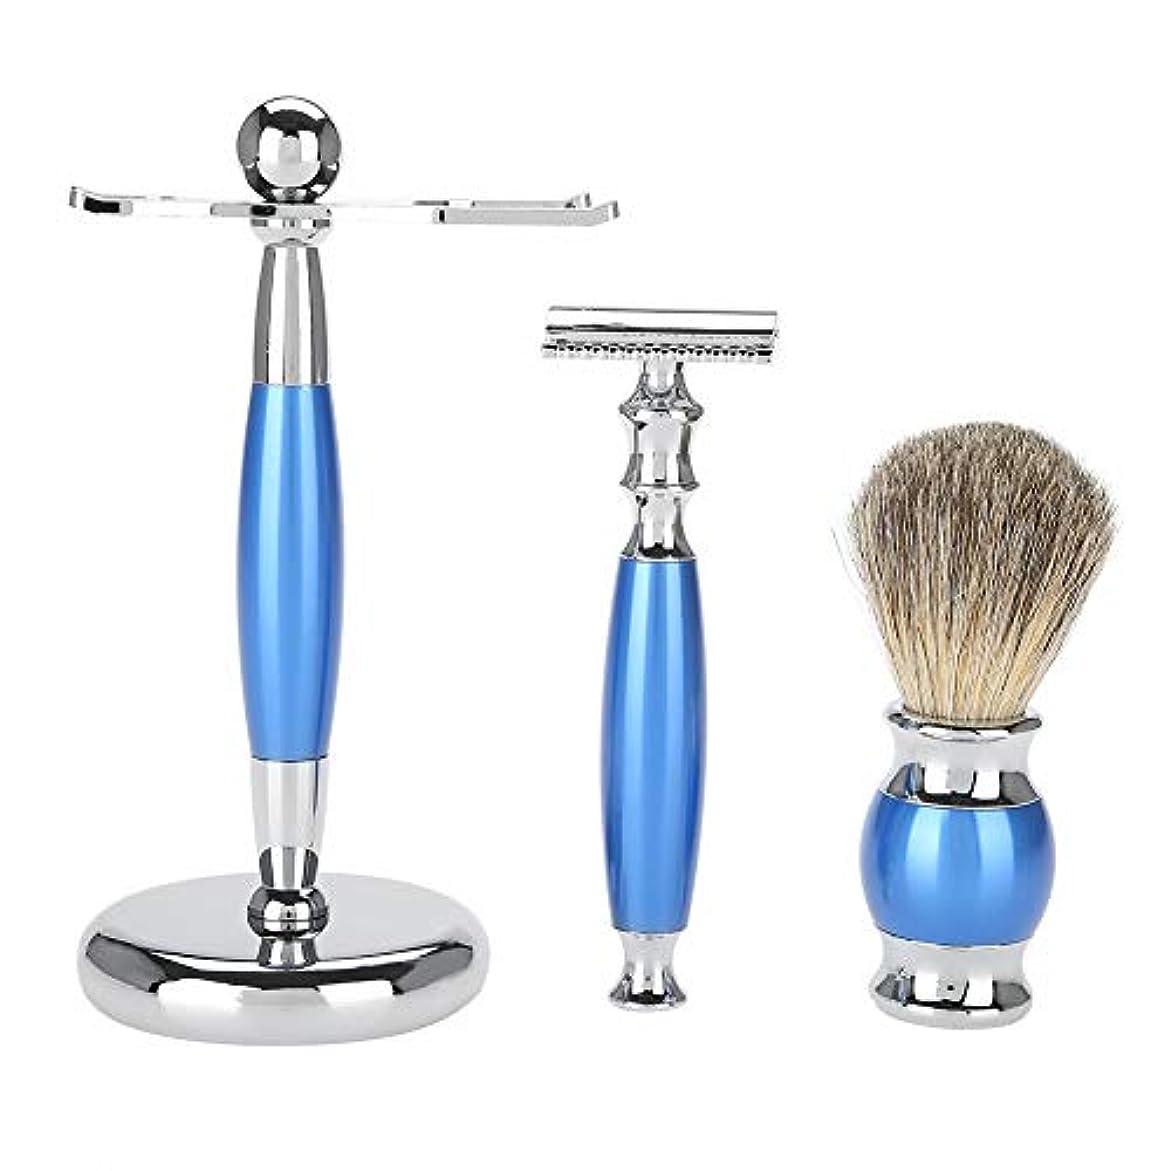 フェデレーション異議感心するひげ剃りセット安全剃刀ブラシスタンドラックホルダー (青)